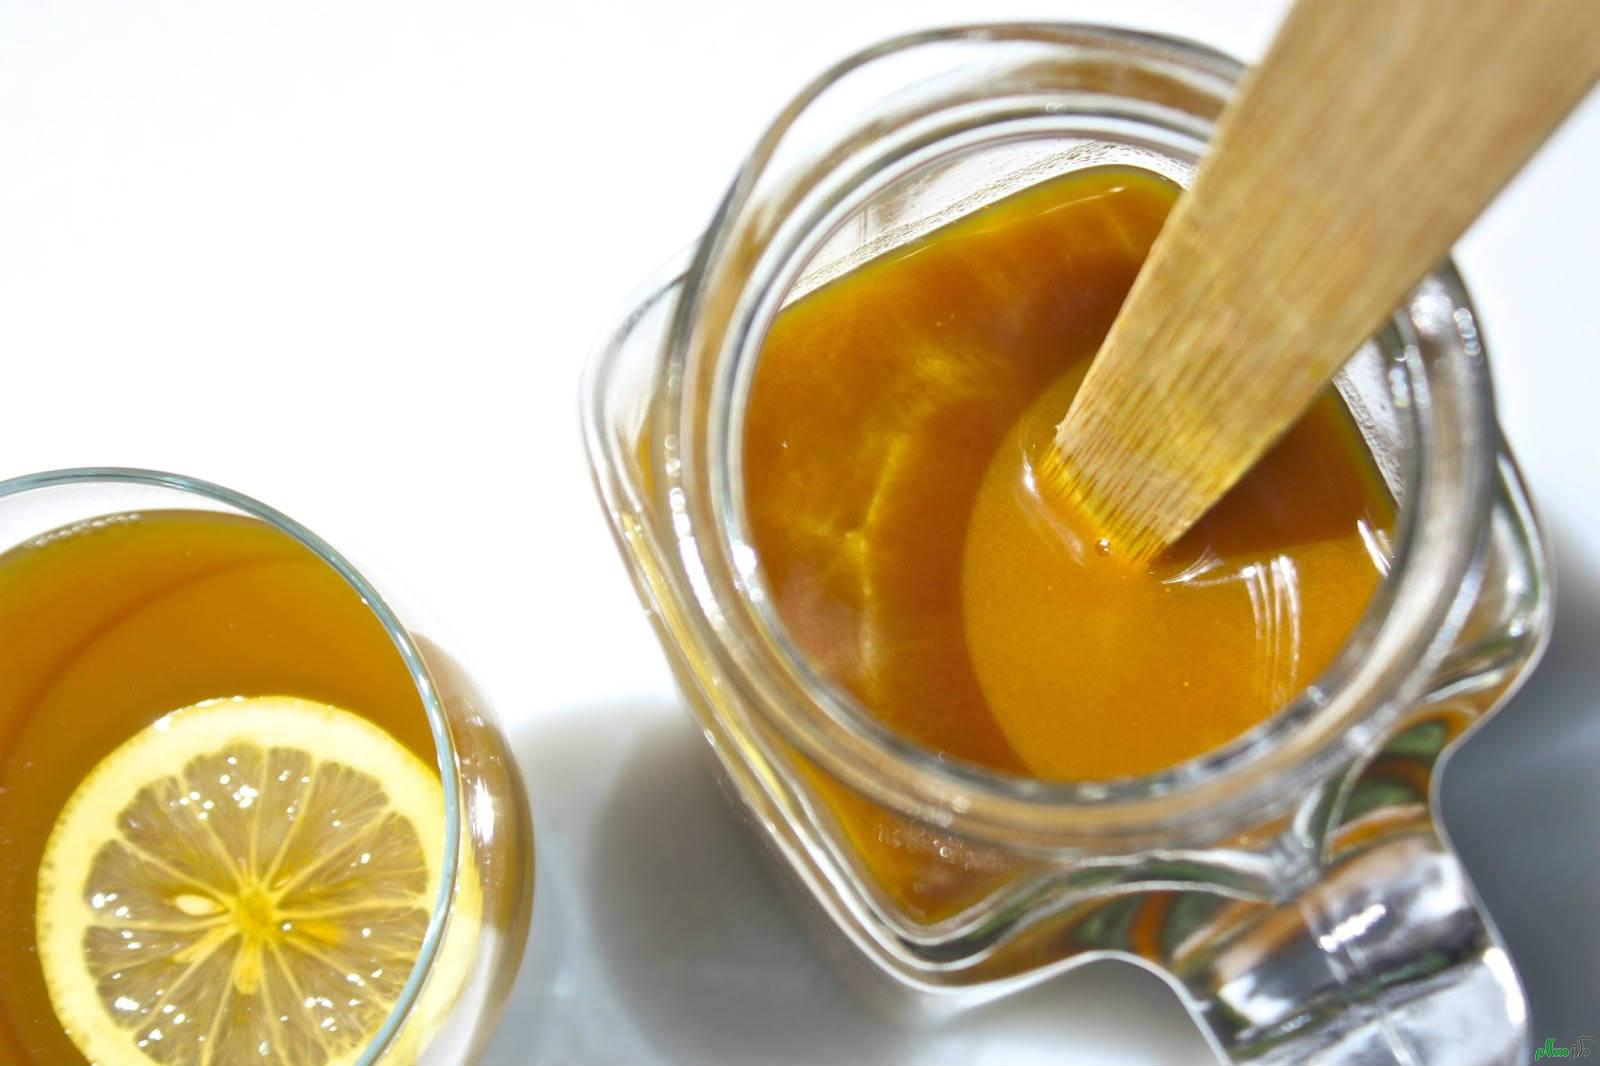 تاثیرات درمانی موثر آب جوش و عسل